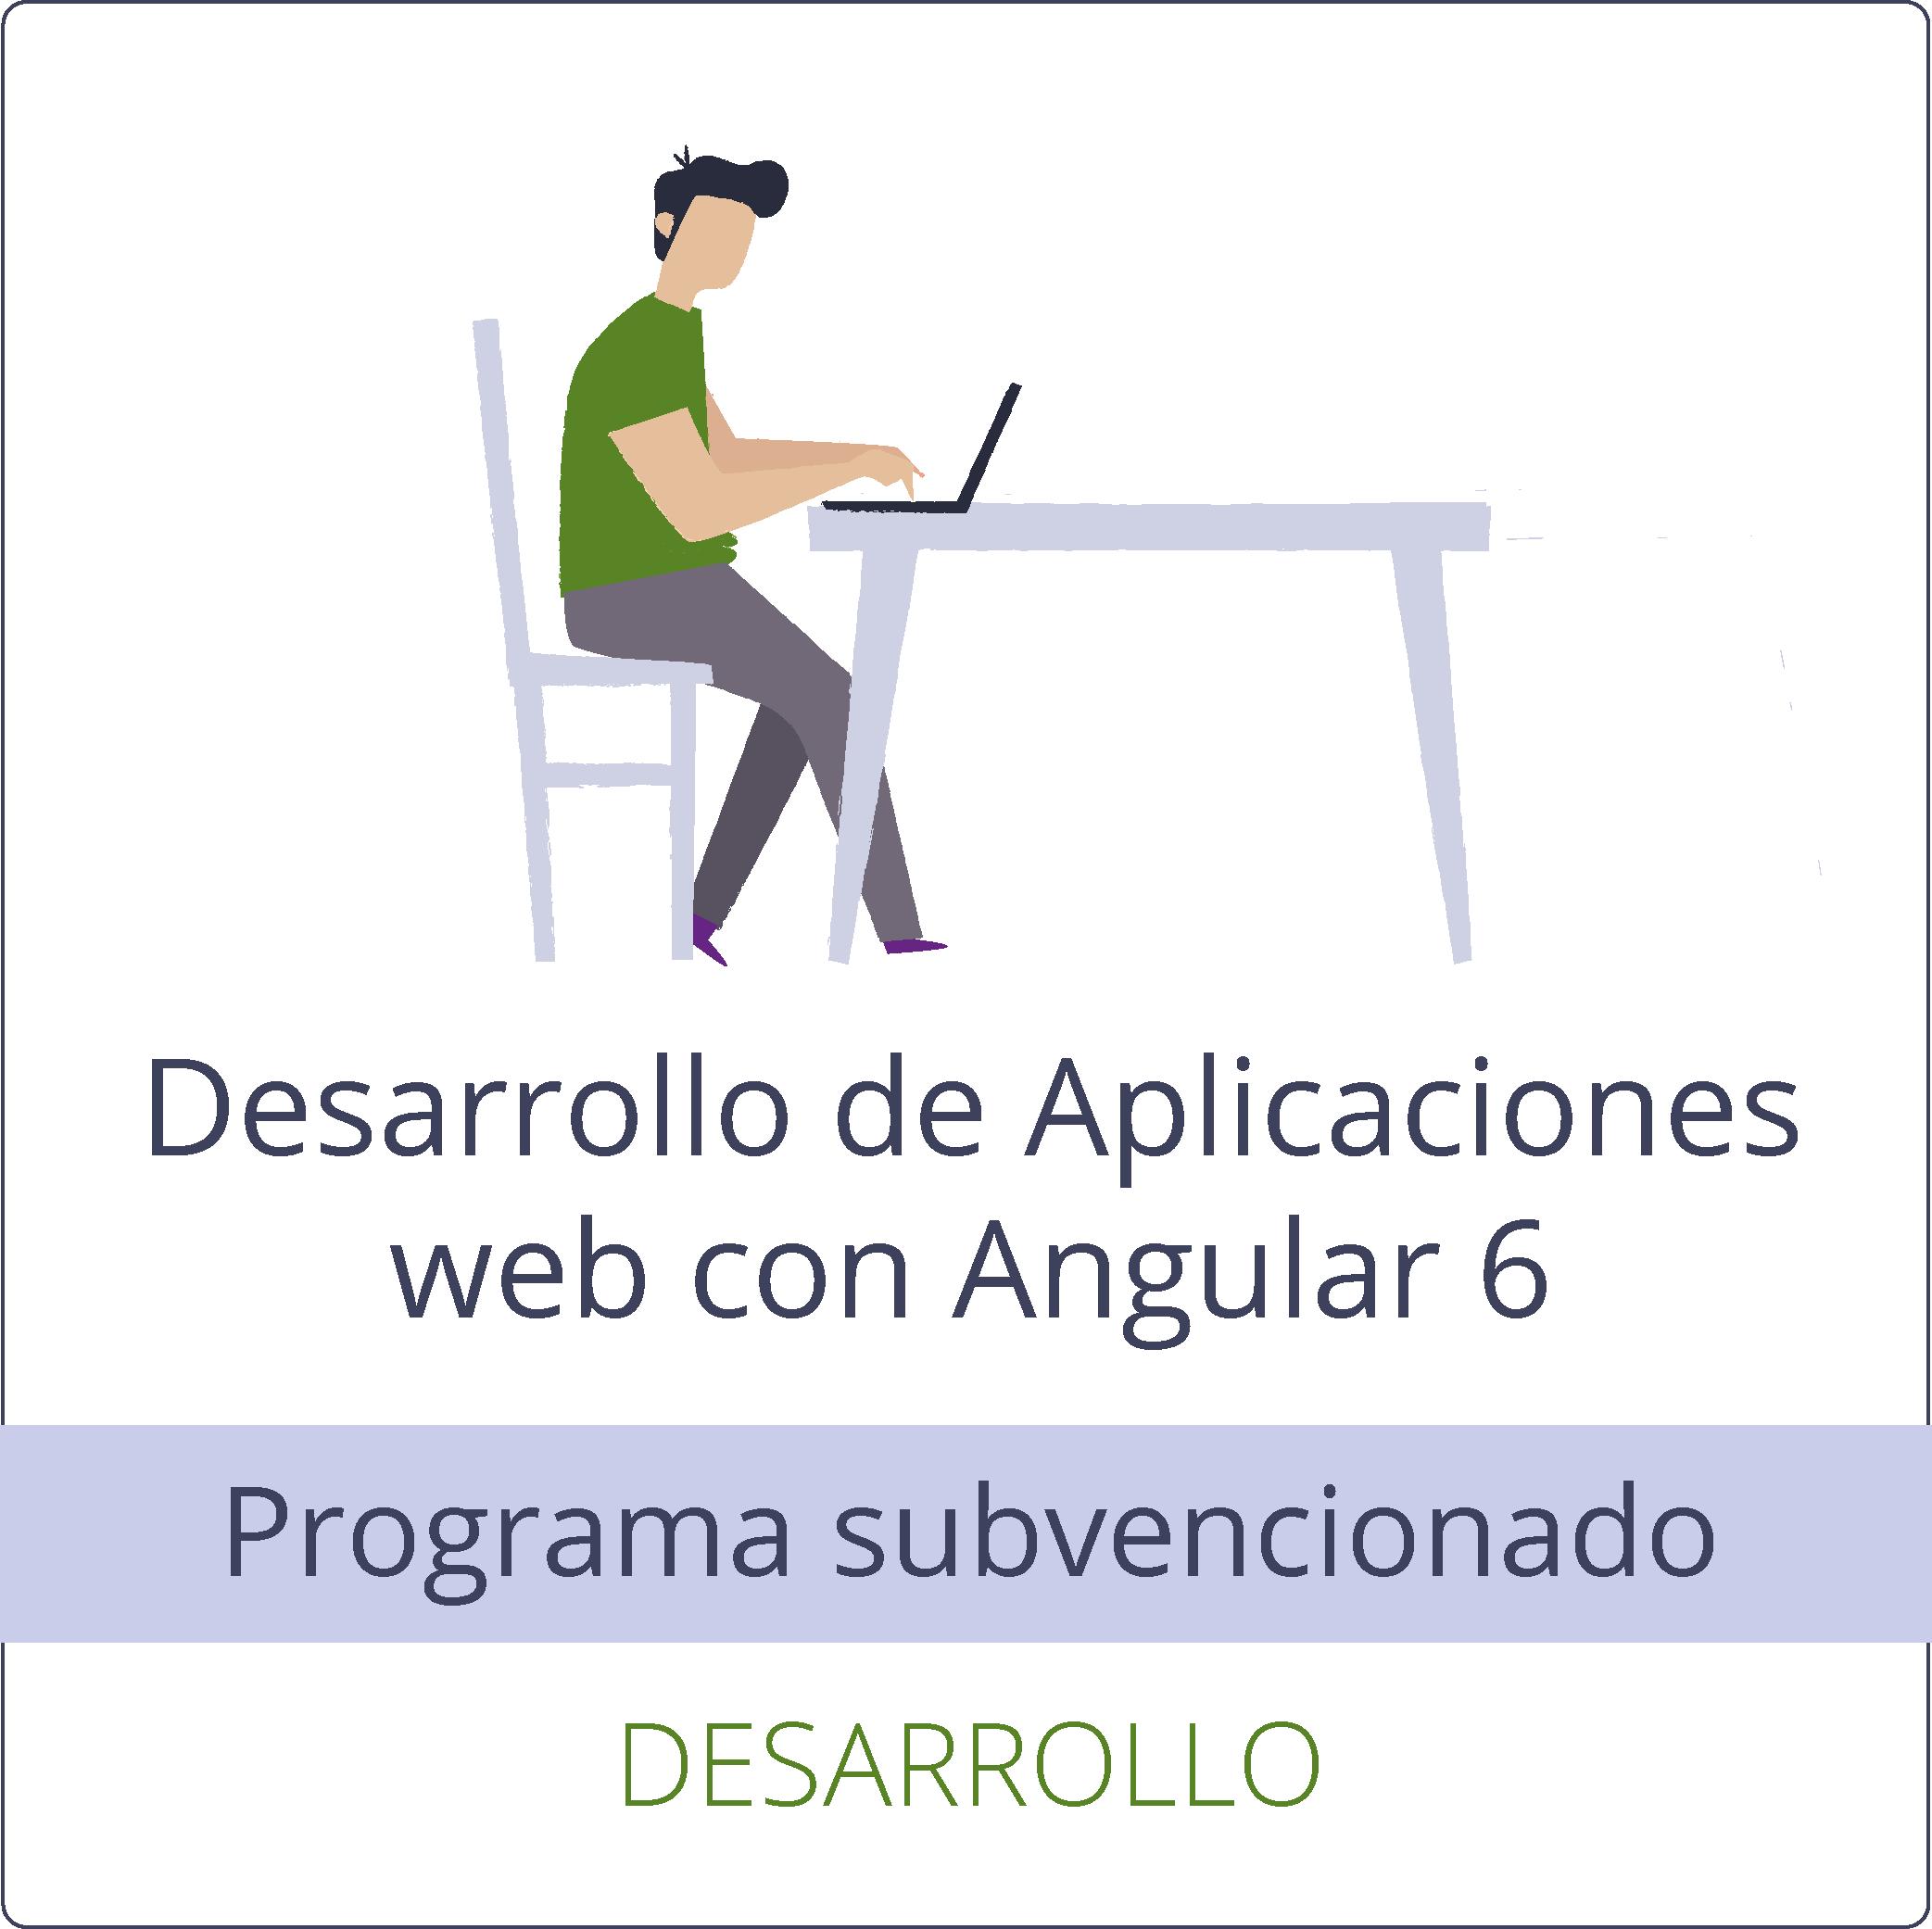 Desarrollo de aplicaciones web con Angular (gratuito)